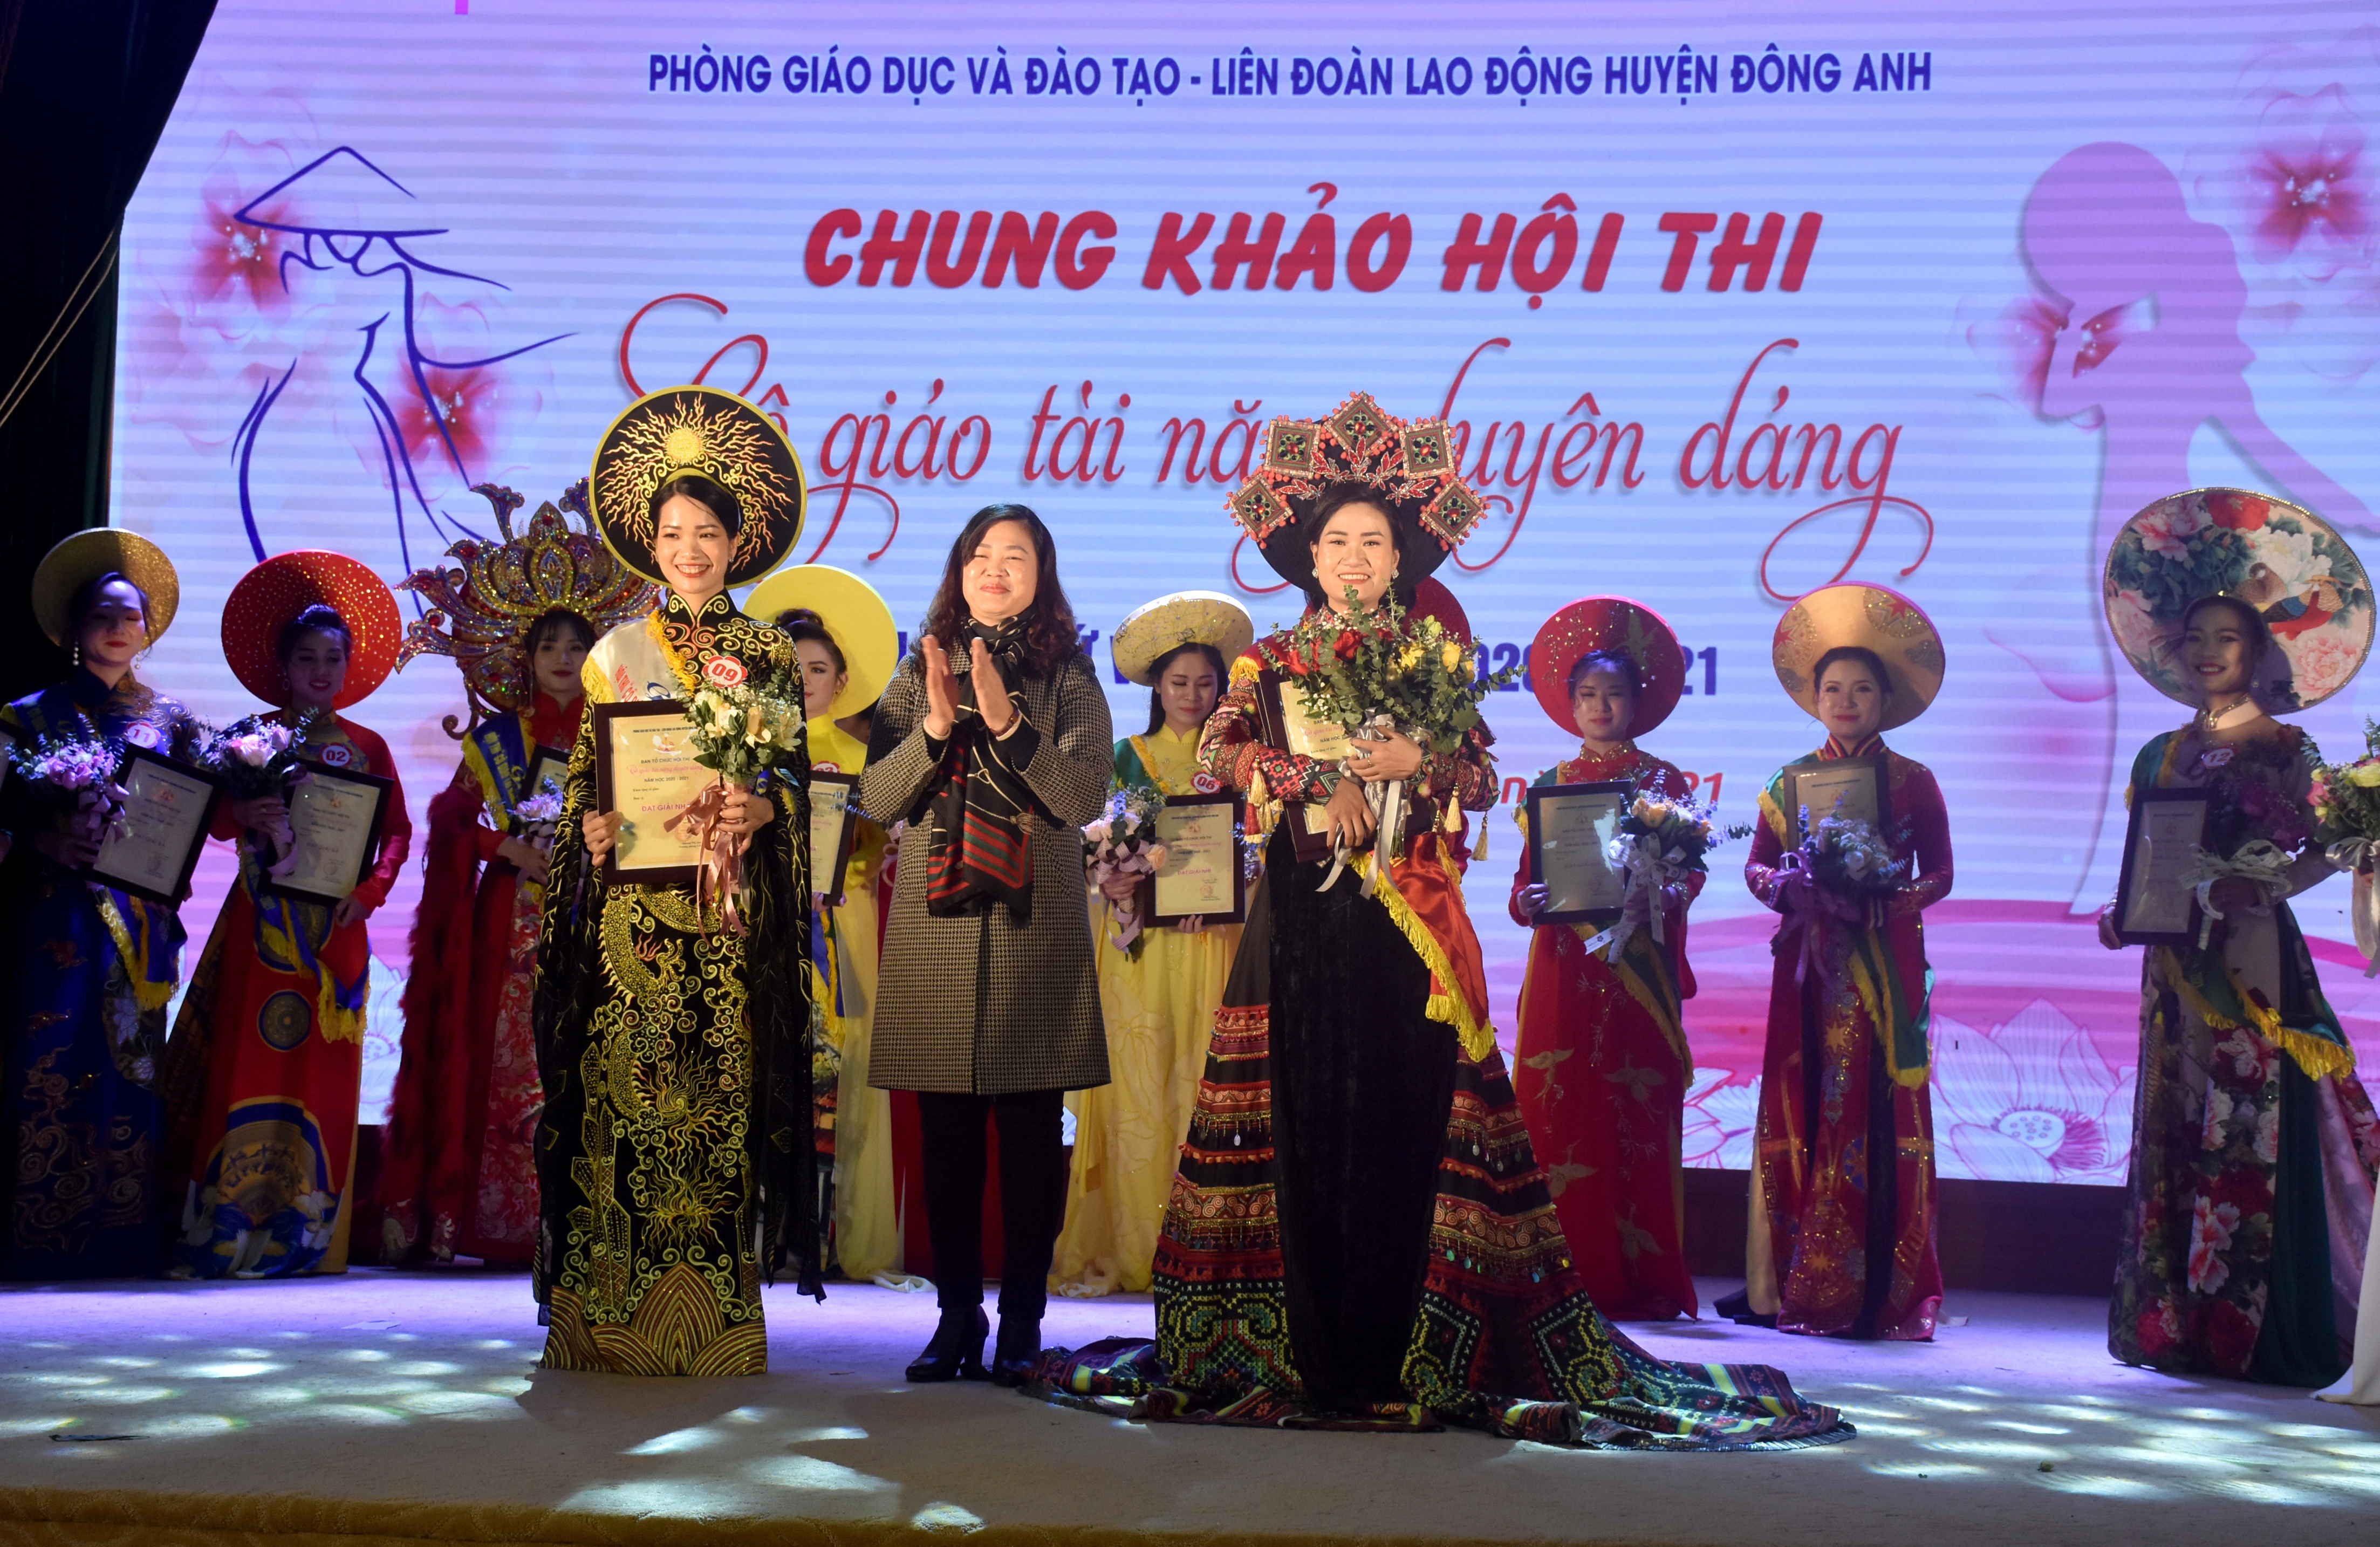 Tỏa sáng vẻ đẹp, tài năng của nữ nhà giáo huyện Đông Anh